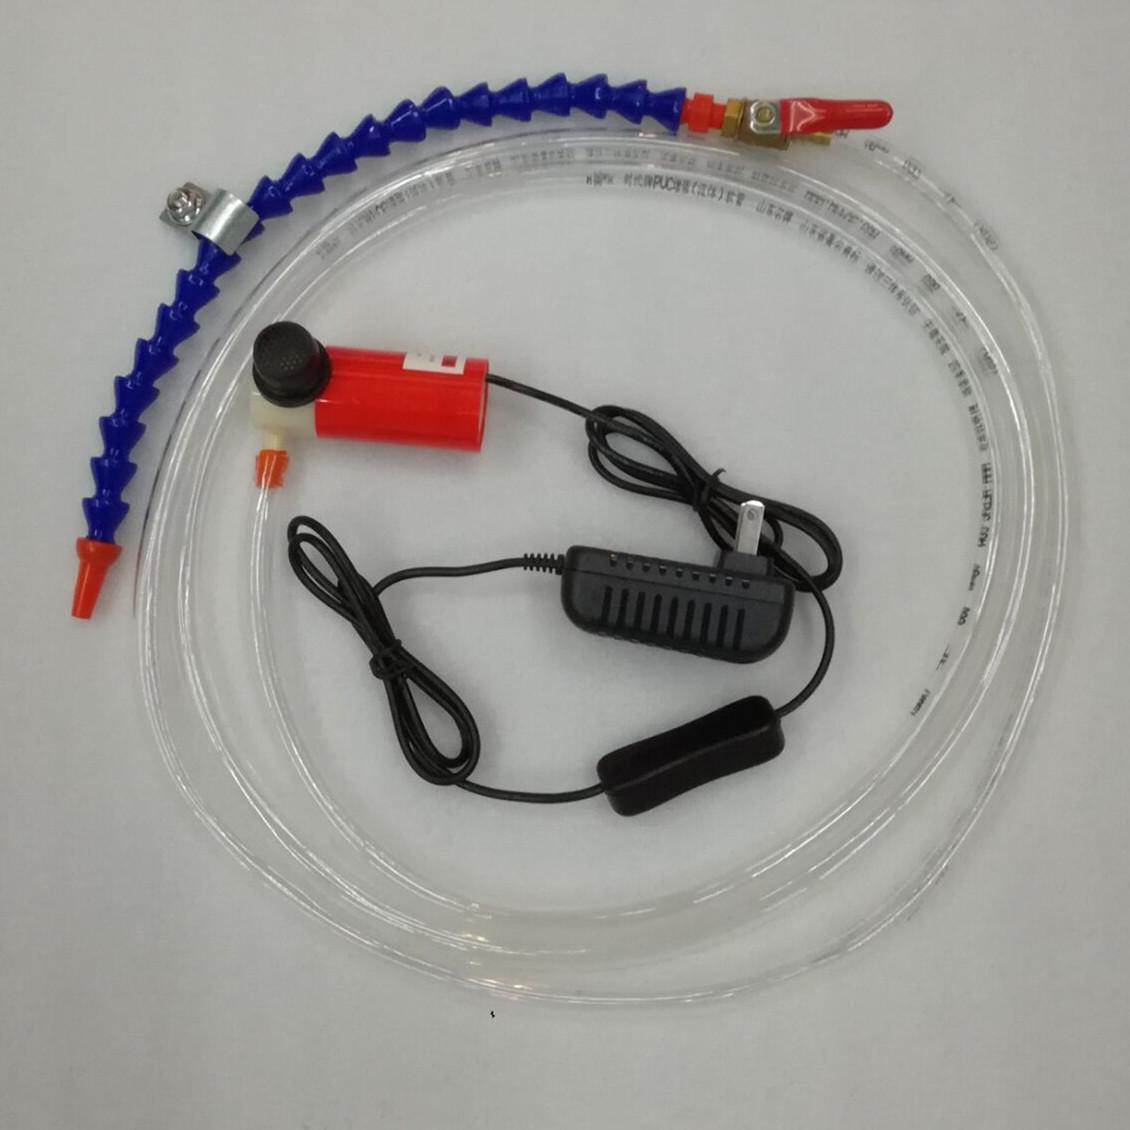 12v - fische Aquarium tauchpumpen schneidemaschine Loch - Maschine strass - Maschine spezielle mini - Pumpe